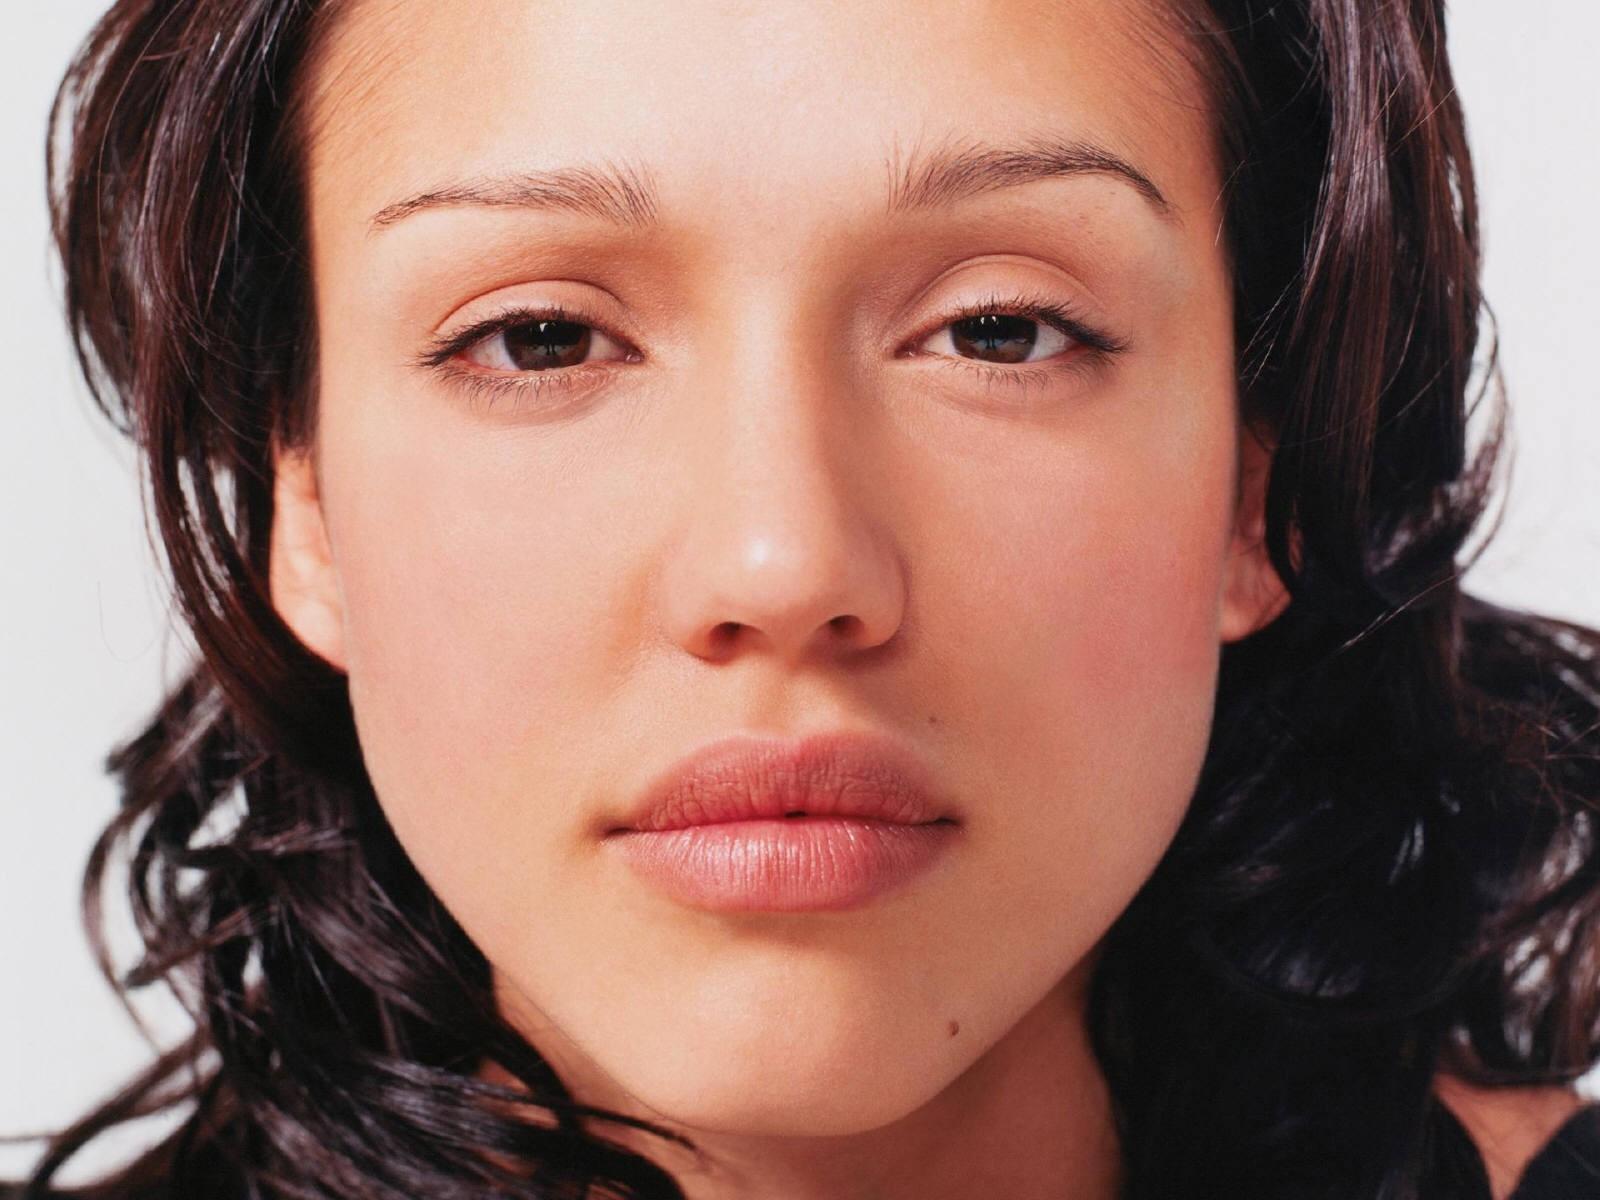 Wallpaper di Jessica Alba cion un ritratto dell'attrice